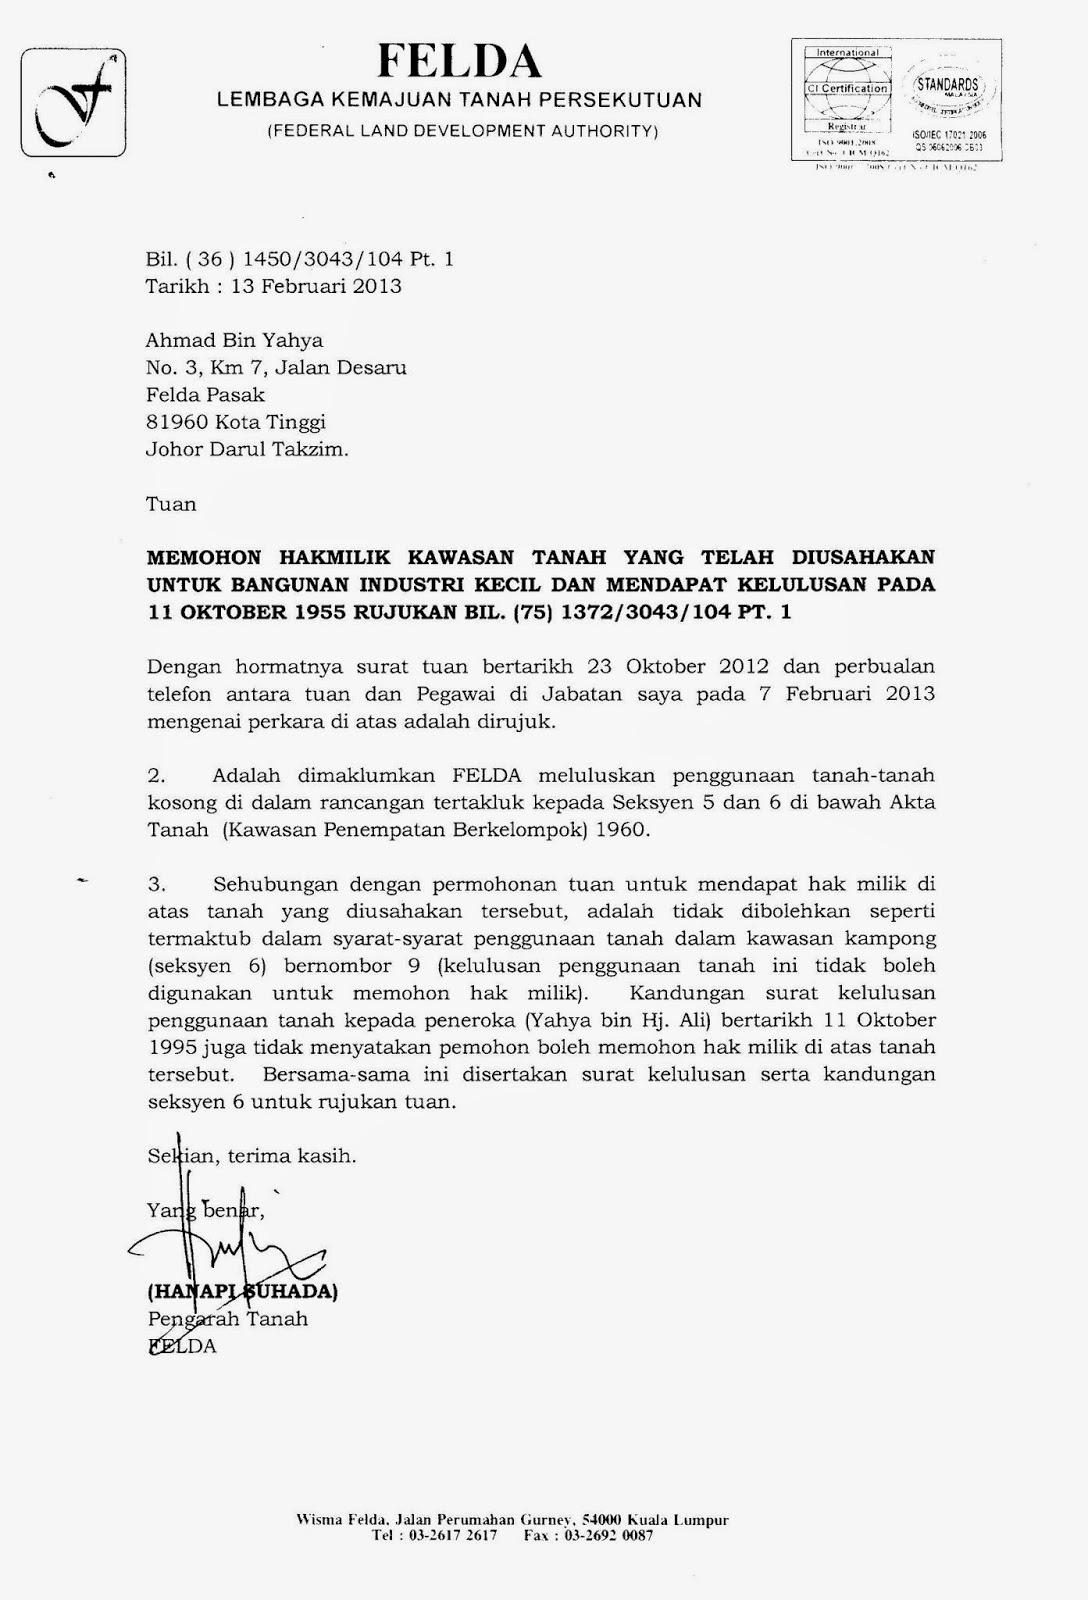 Surat Rasmi Permohonan Tanah Kerajaan Selangor G